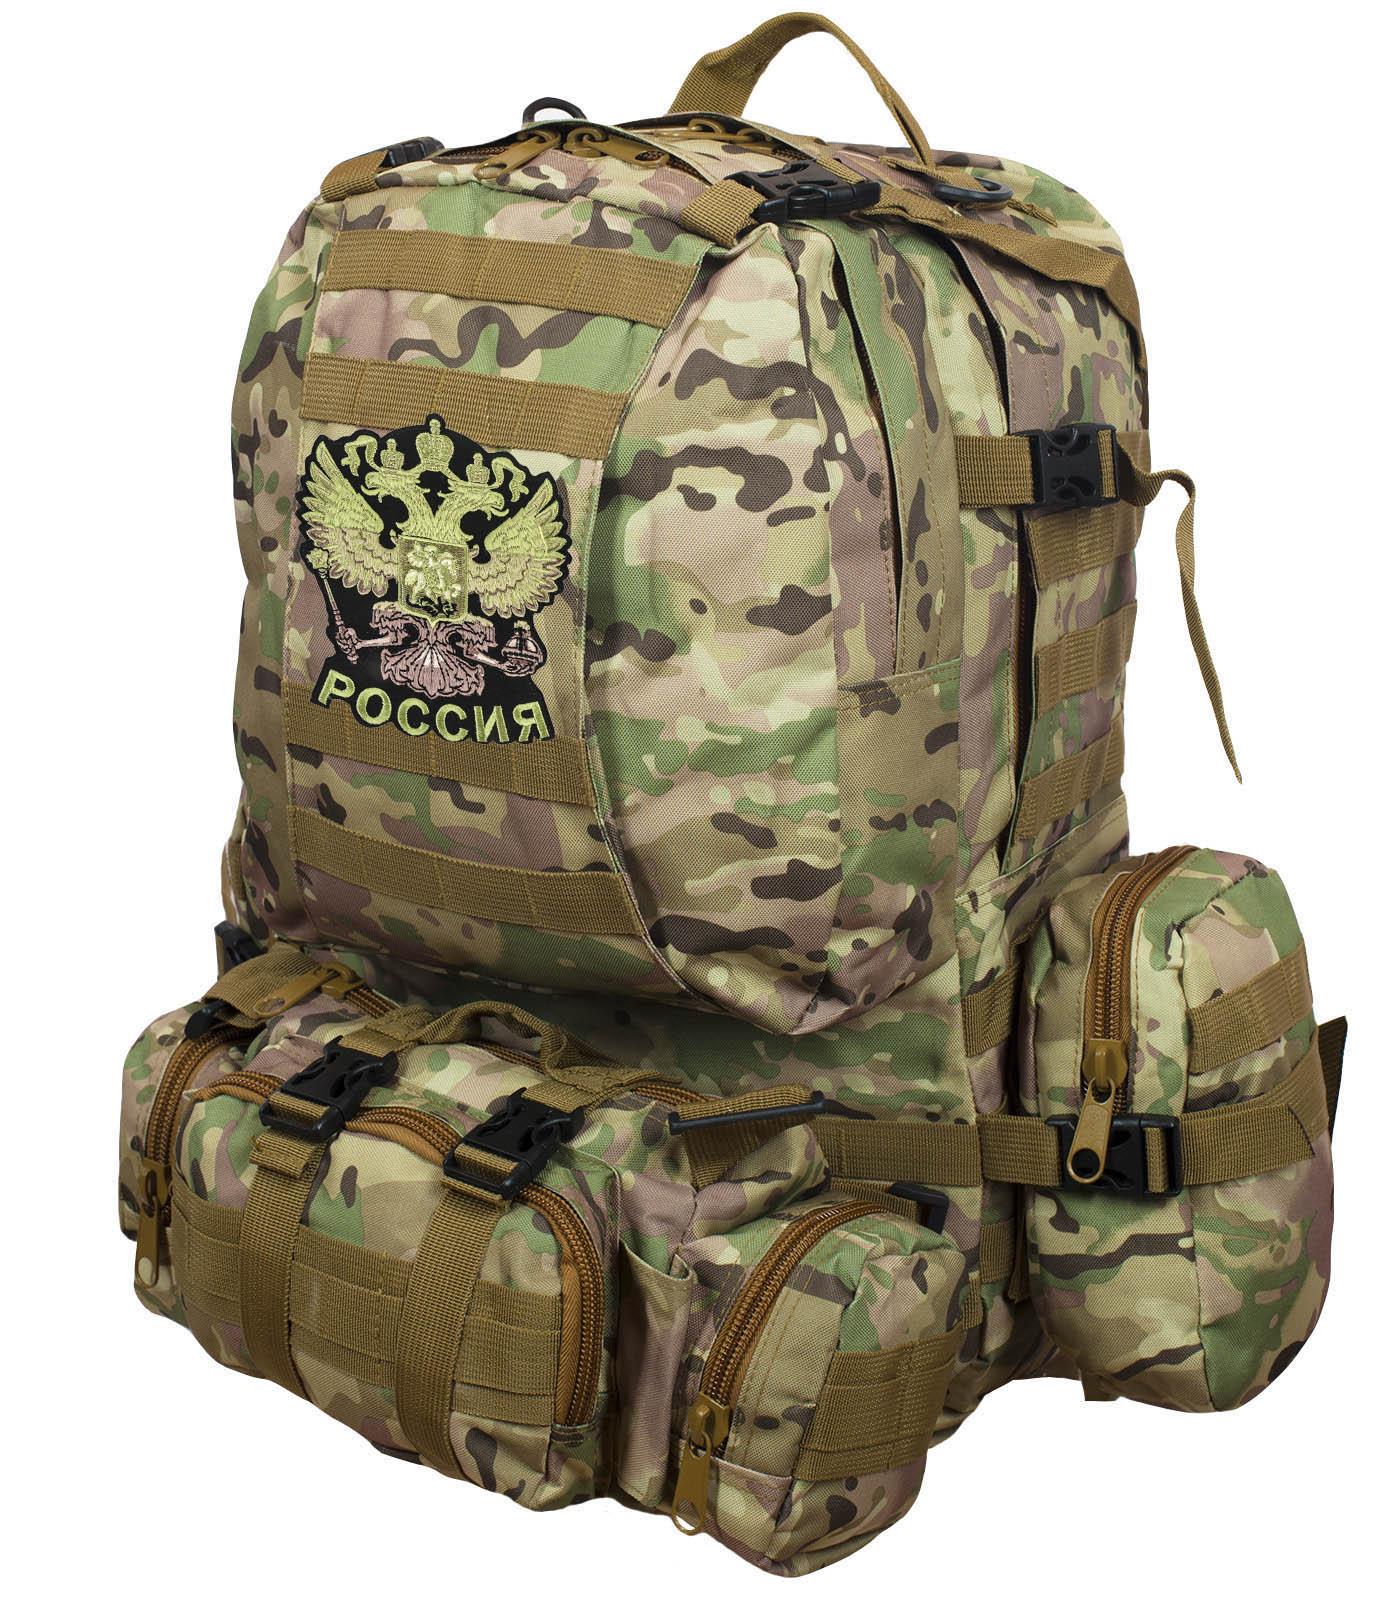 Функциональный вместительный рюкзак с нашивкой Герб России - купить в Военпро